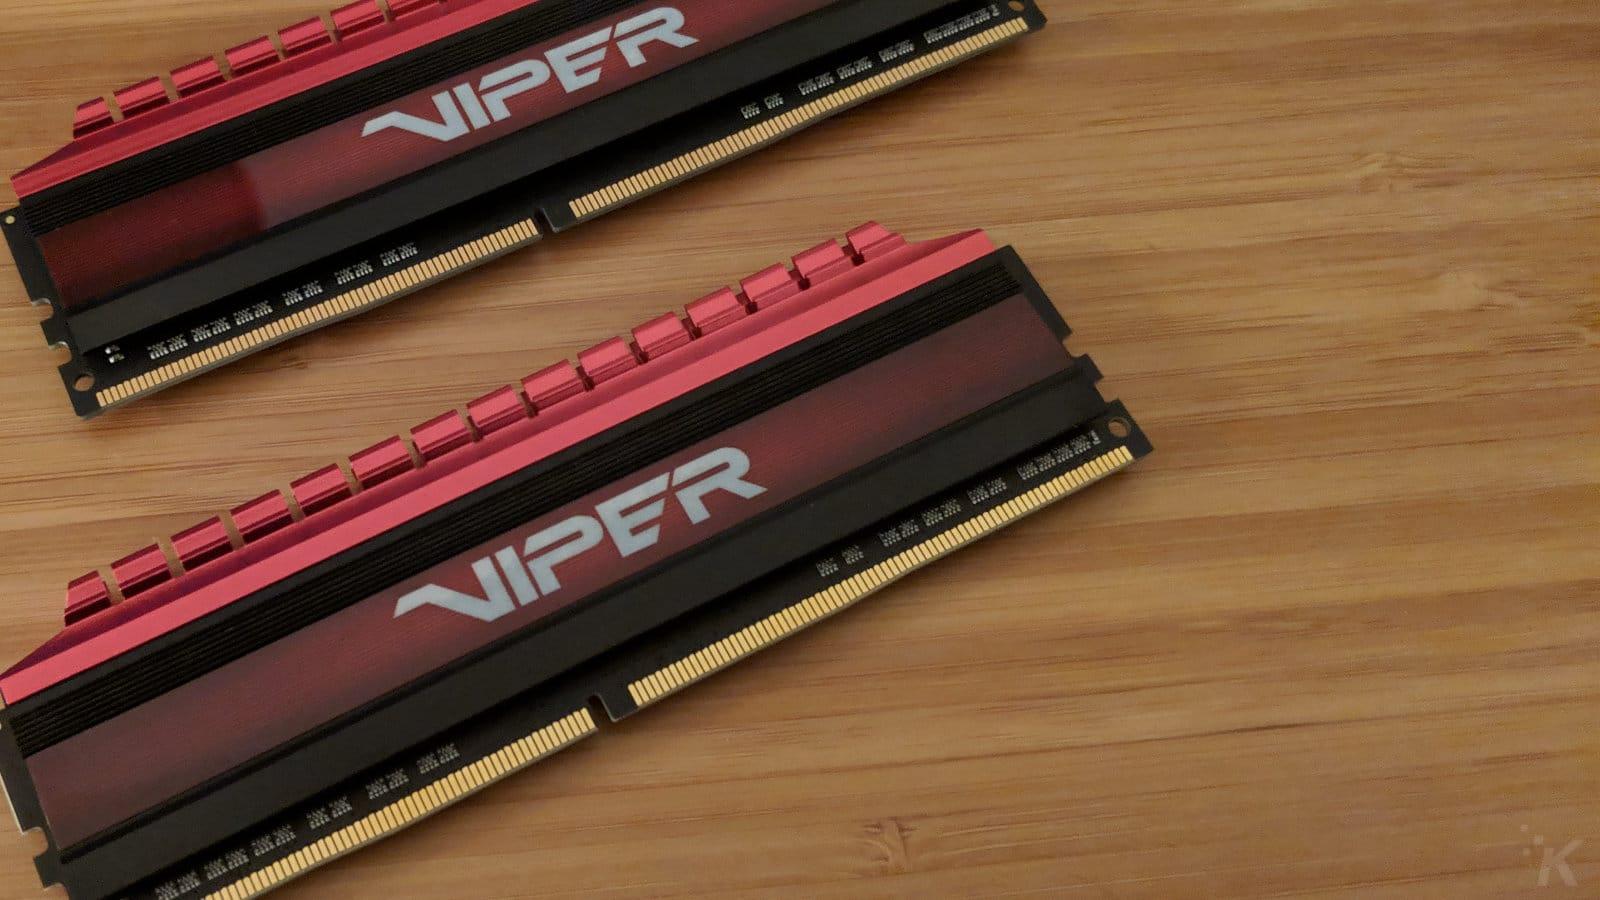 viper 4 ddr kit